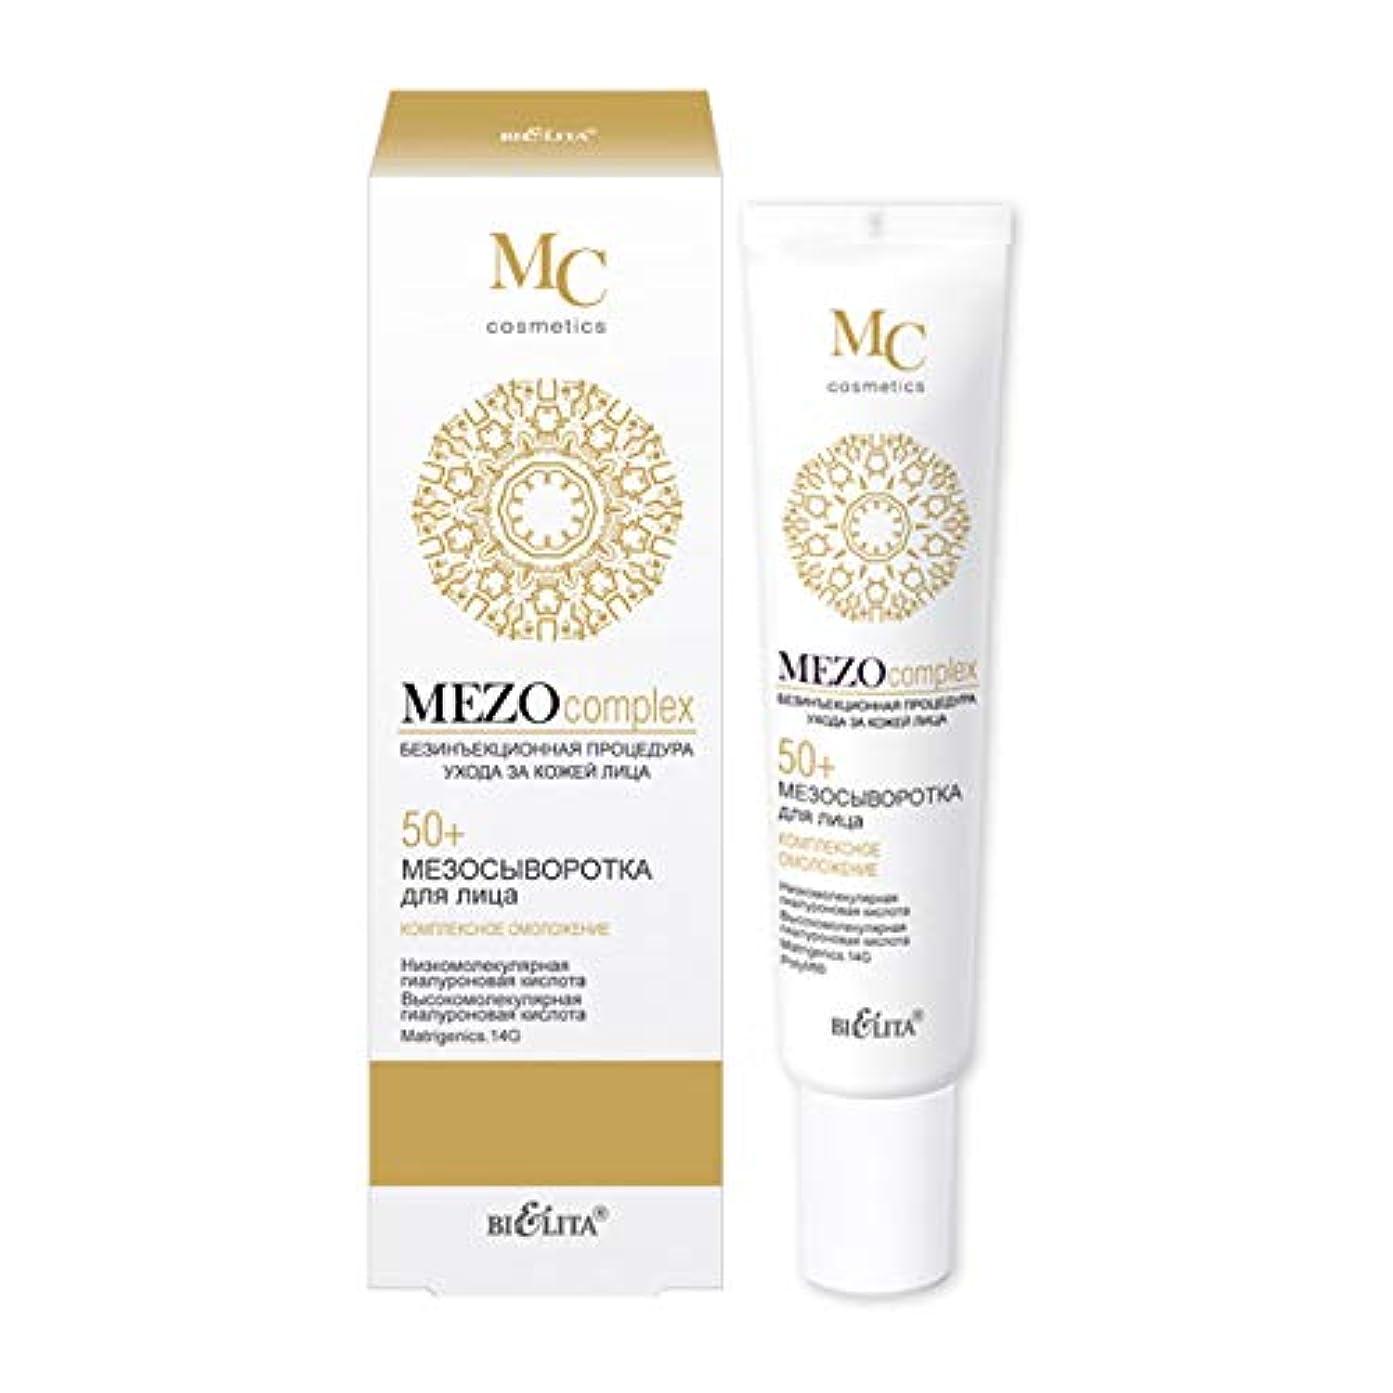 申請中してはいけない重要なMezo complex | Mezo Serum Complex 50+ | Non-injection facial skin care procedure | Hyaluronic acid | Matrigenics...